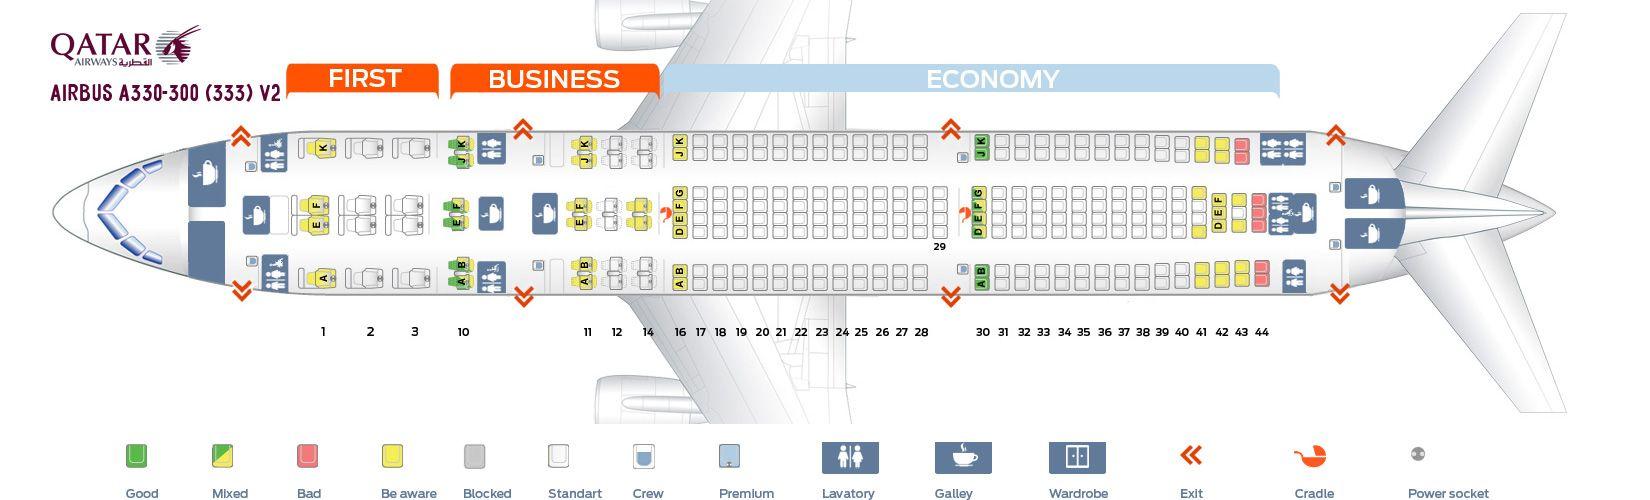 Qatar Airways Fleet Airbus A330 300 Details And Pictures Qatar